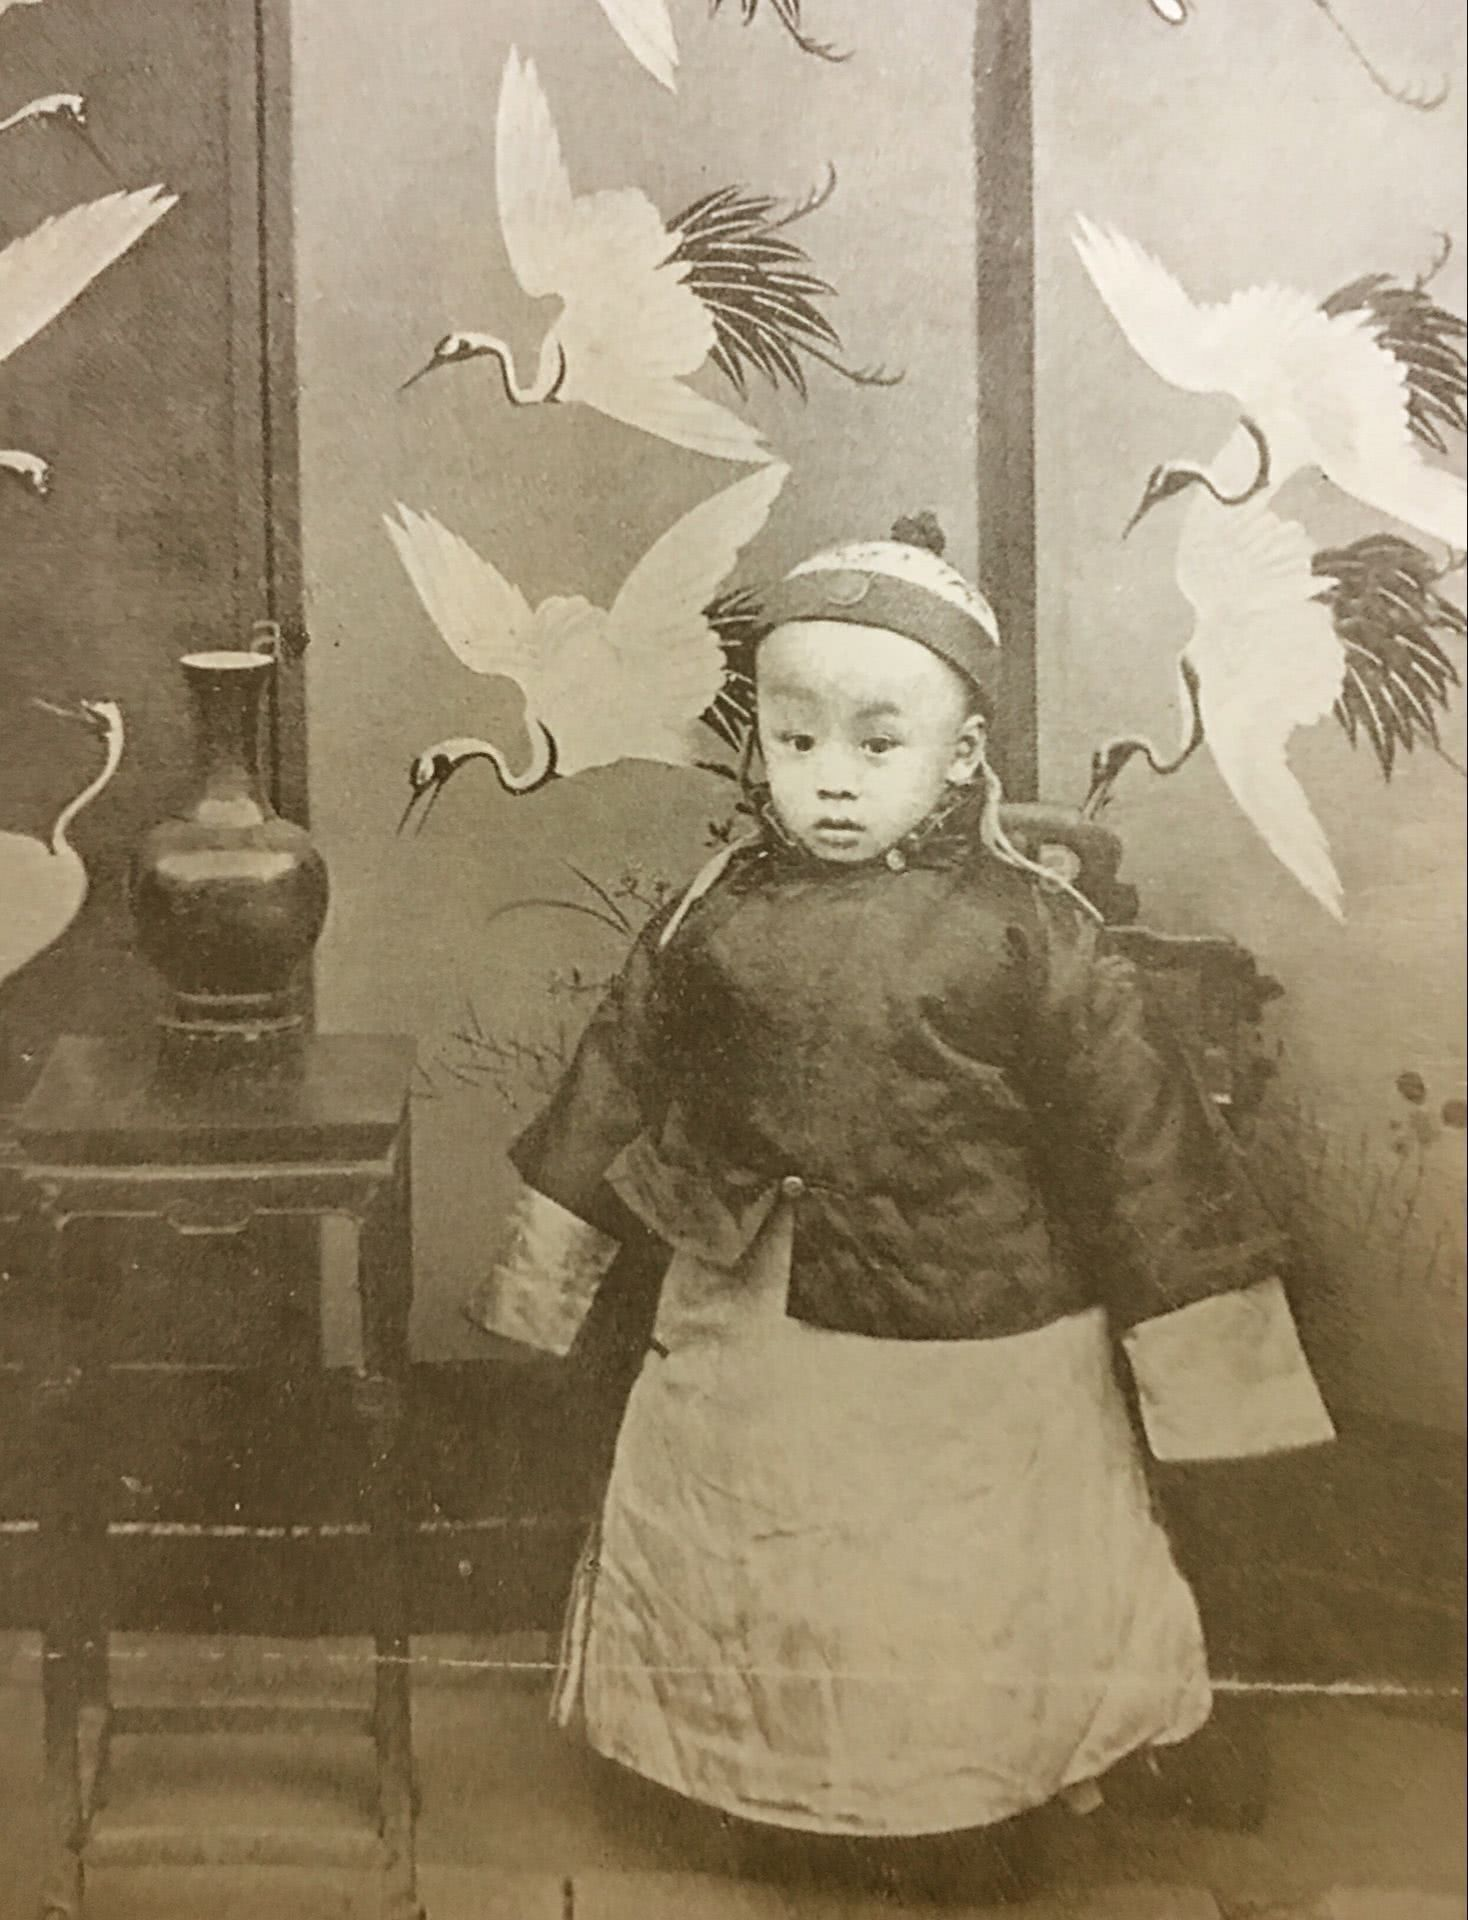 溥仪身份证图片_清末皇室老照片:溥仪小时候很可爱,他爹年轻时候非常帅_福晋 ...